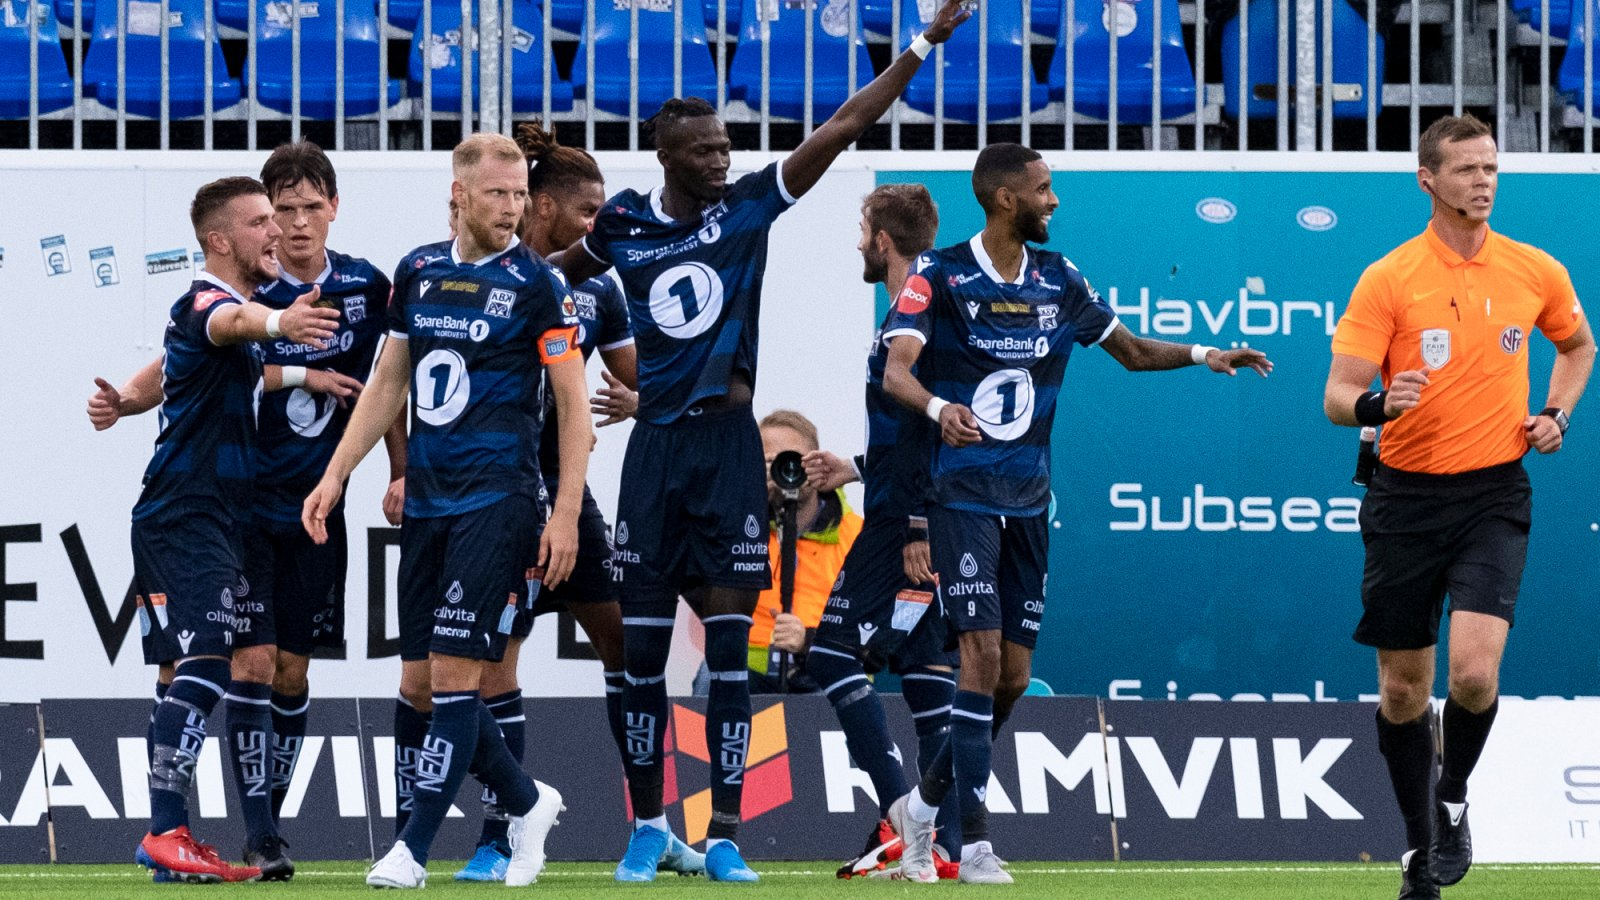 KBK med knusende seier over Mjøndalen / Kristiansund